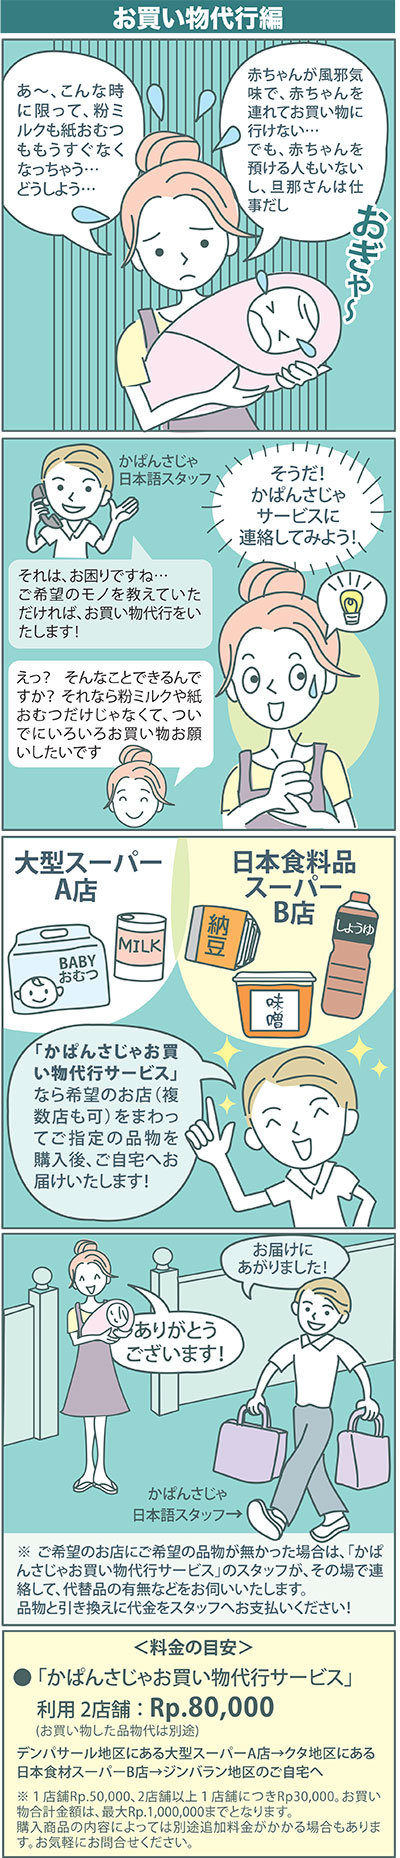 Manga-2tate.jpg